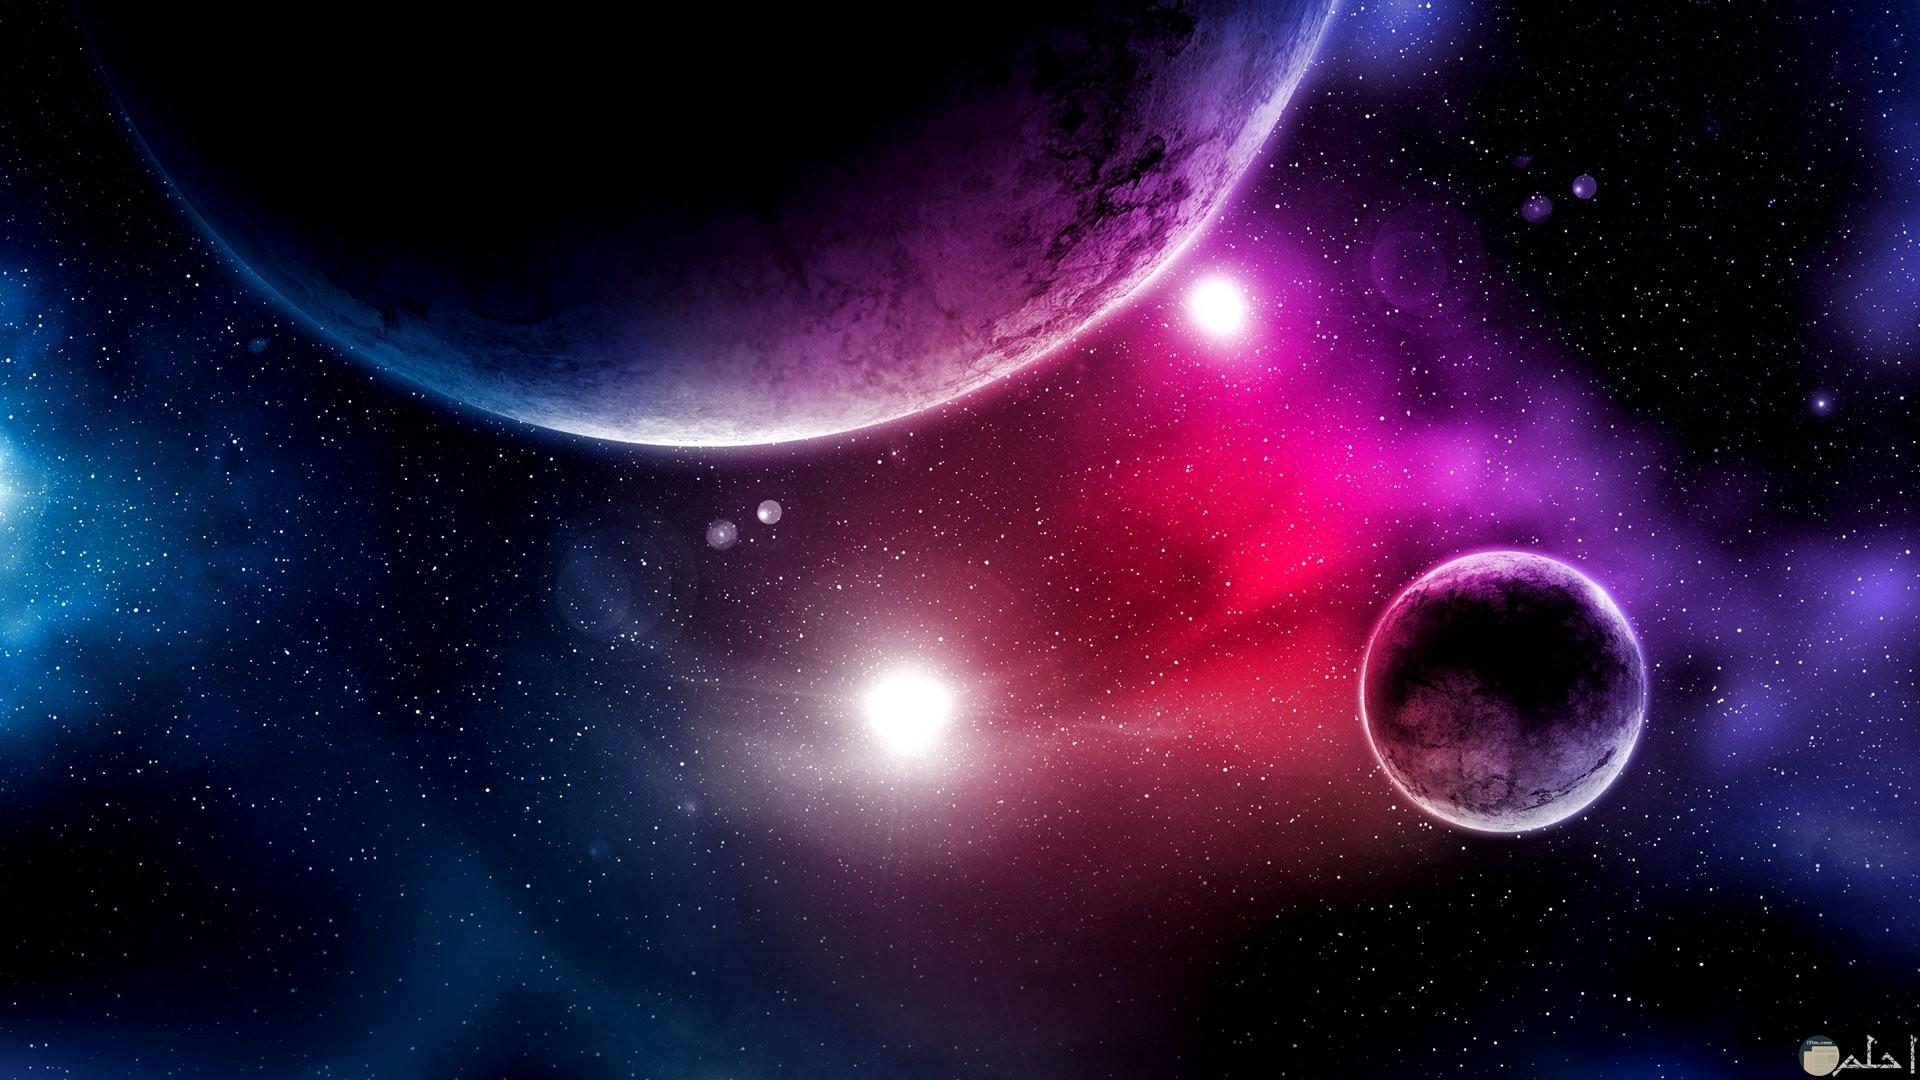 الكواكب و الفضاء باللون البنفسجي.